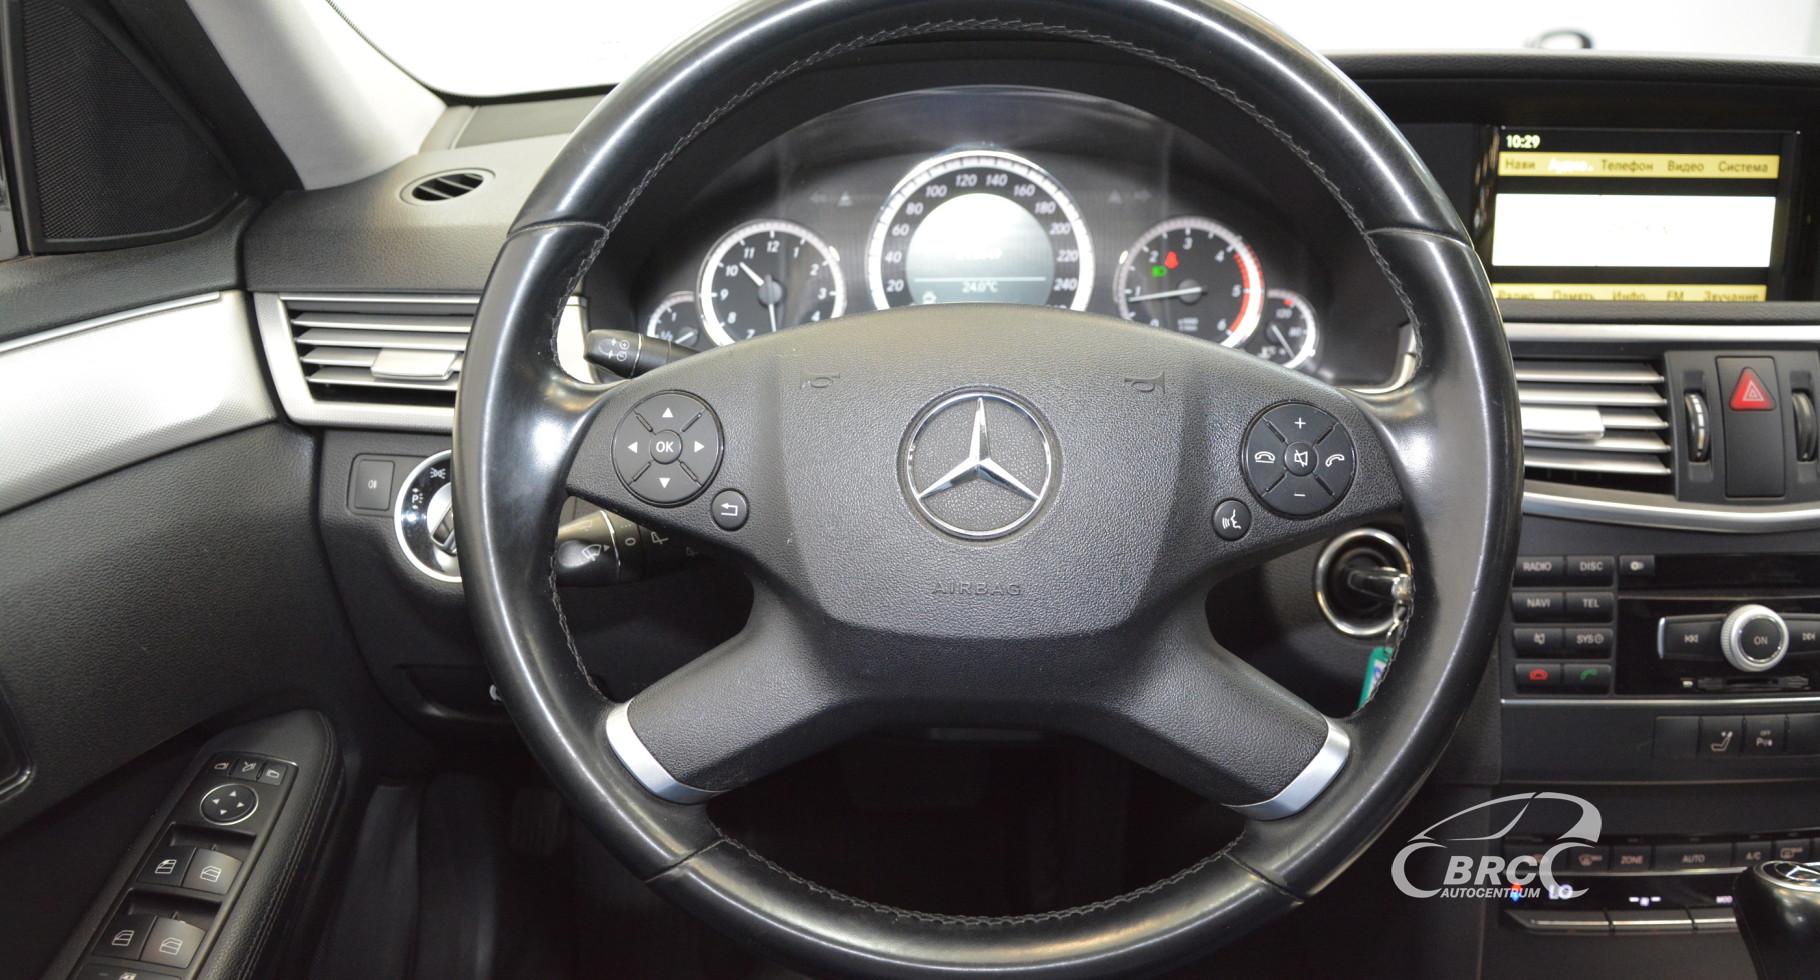 Mercedes-Benz E 220 T CDI Automatas